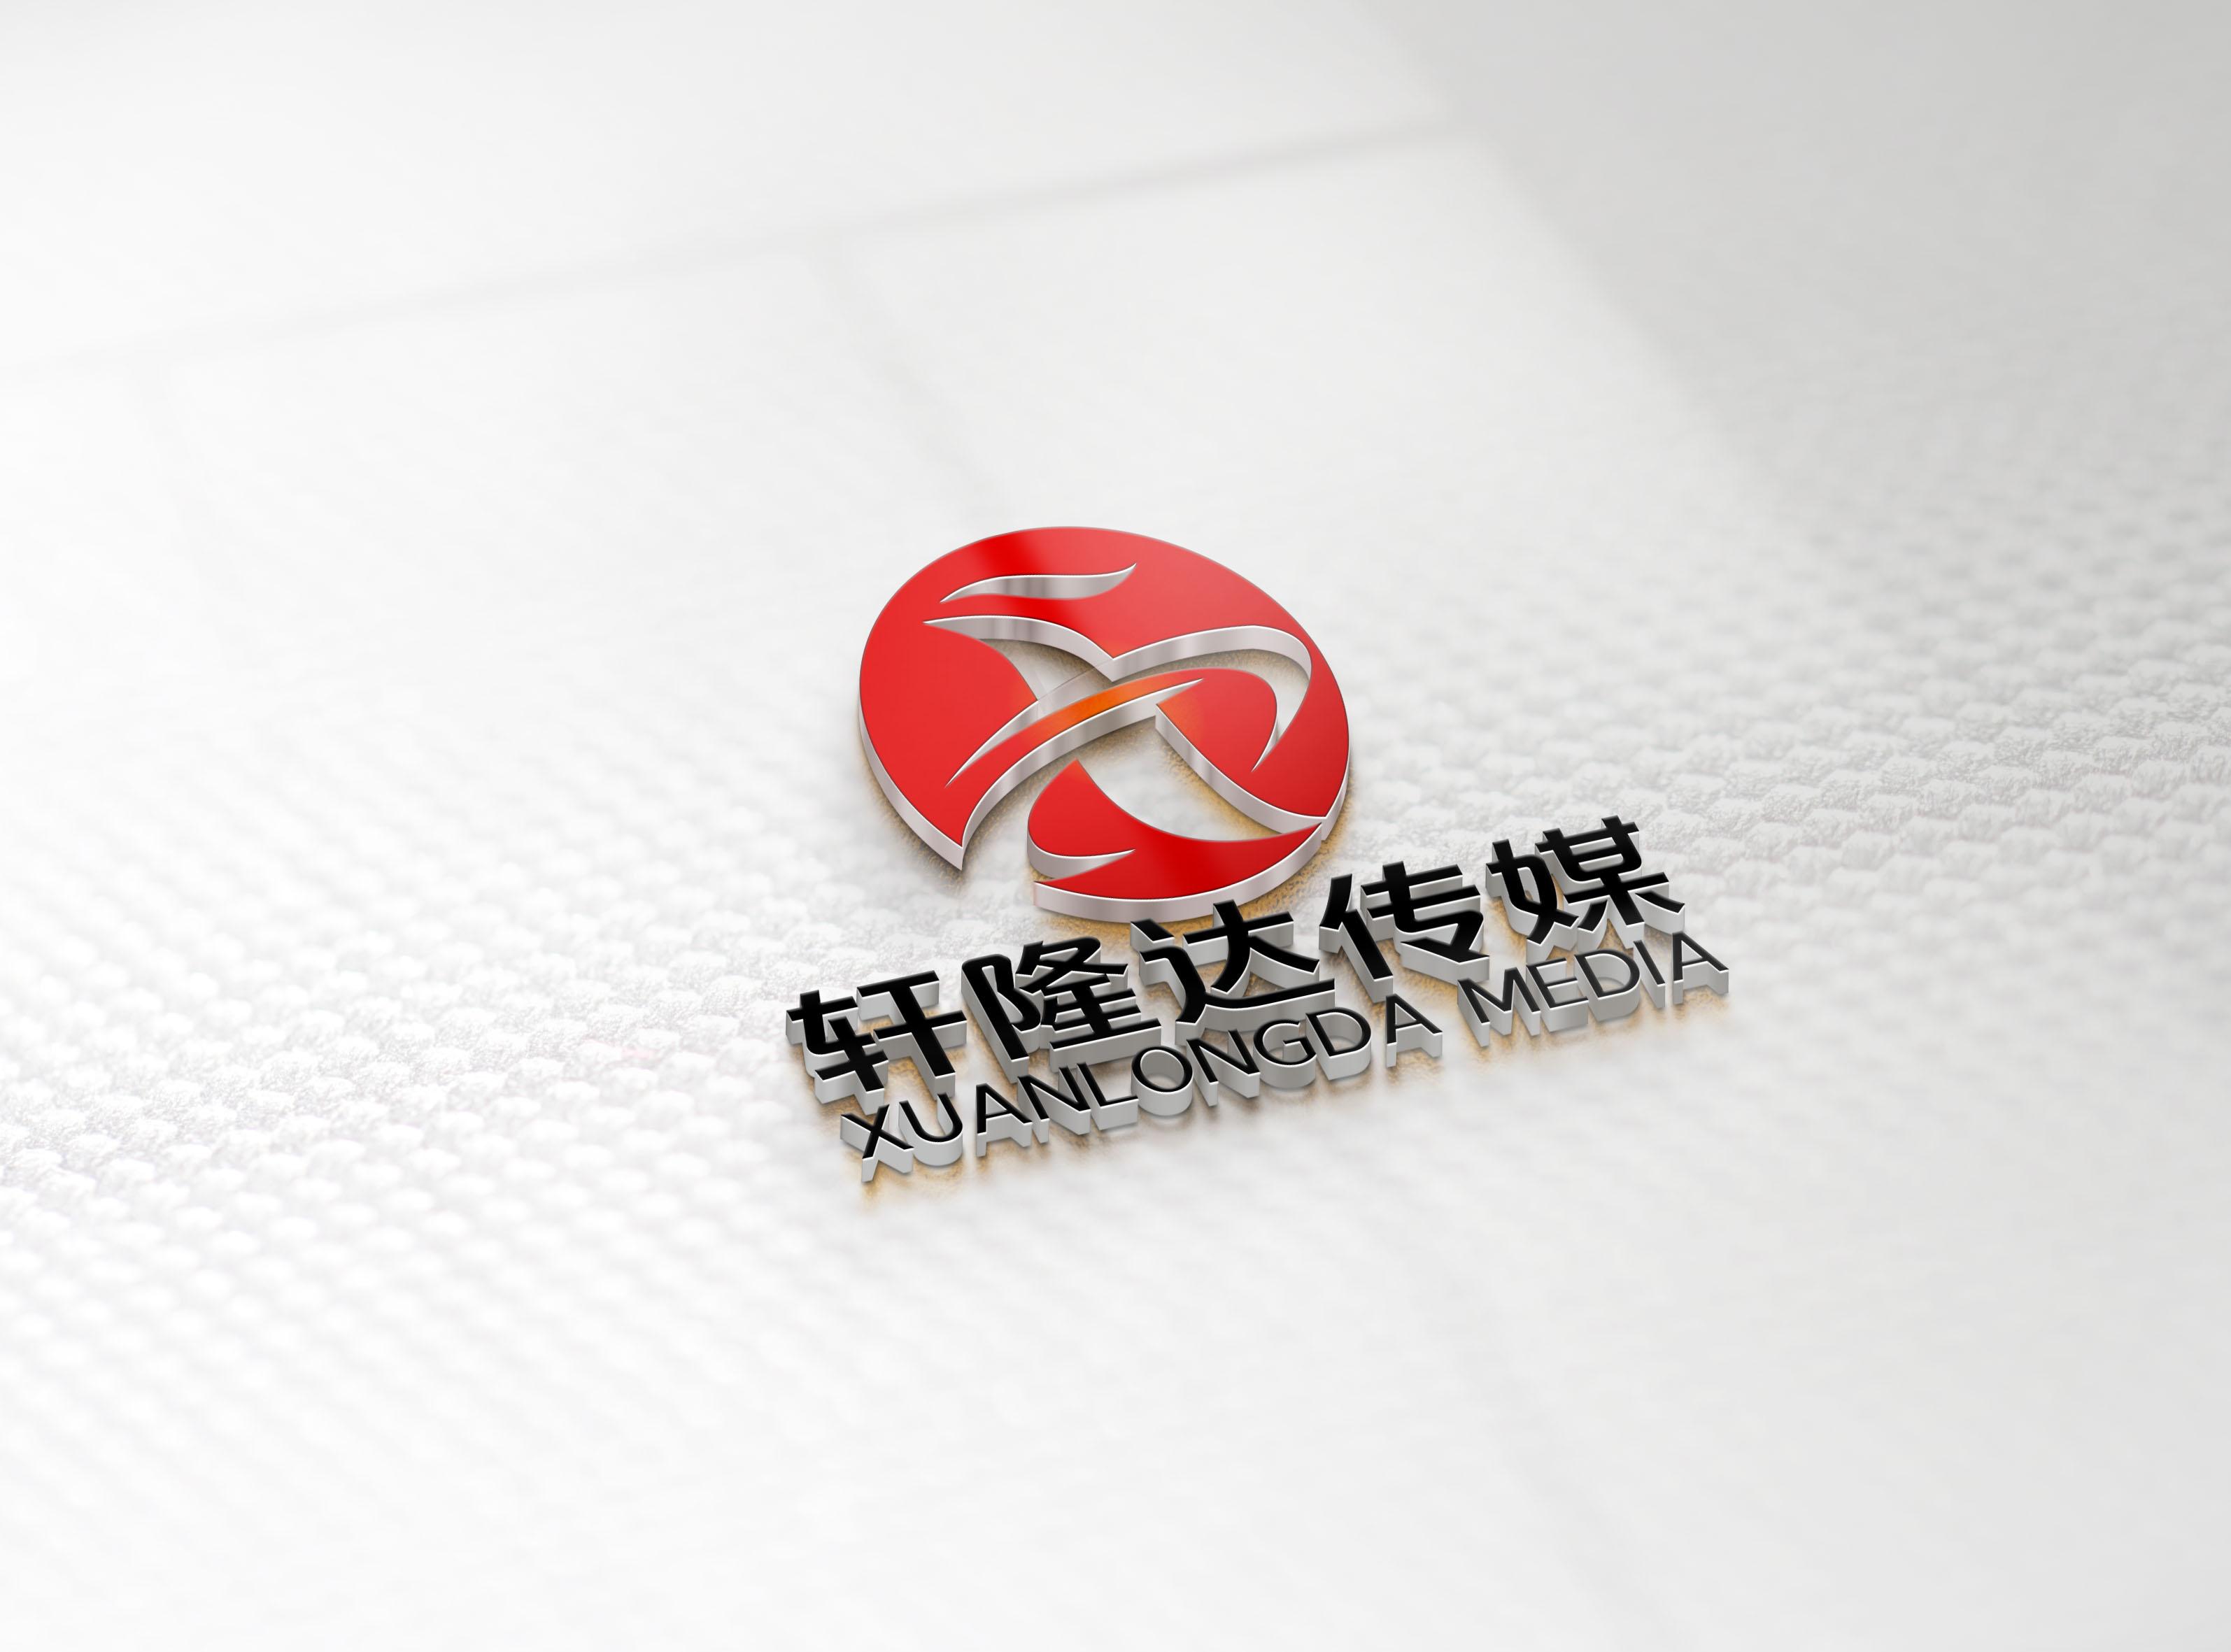 轩隆达传媒logo设计_3032833_k68威客网